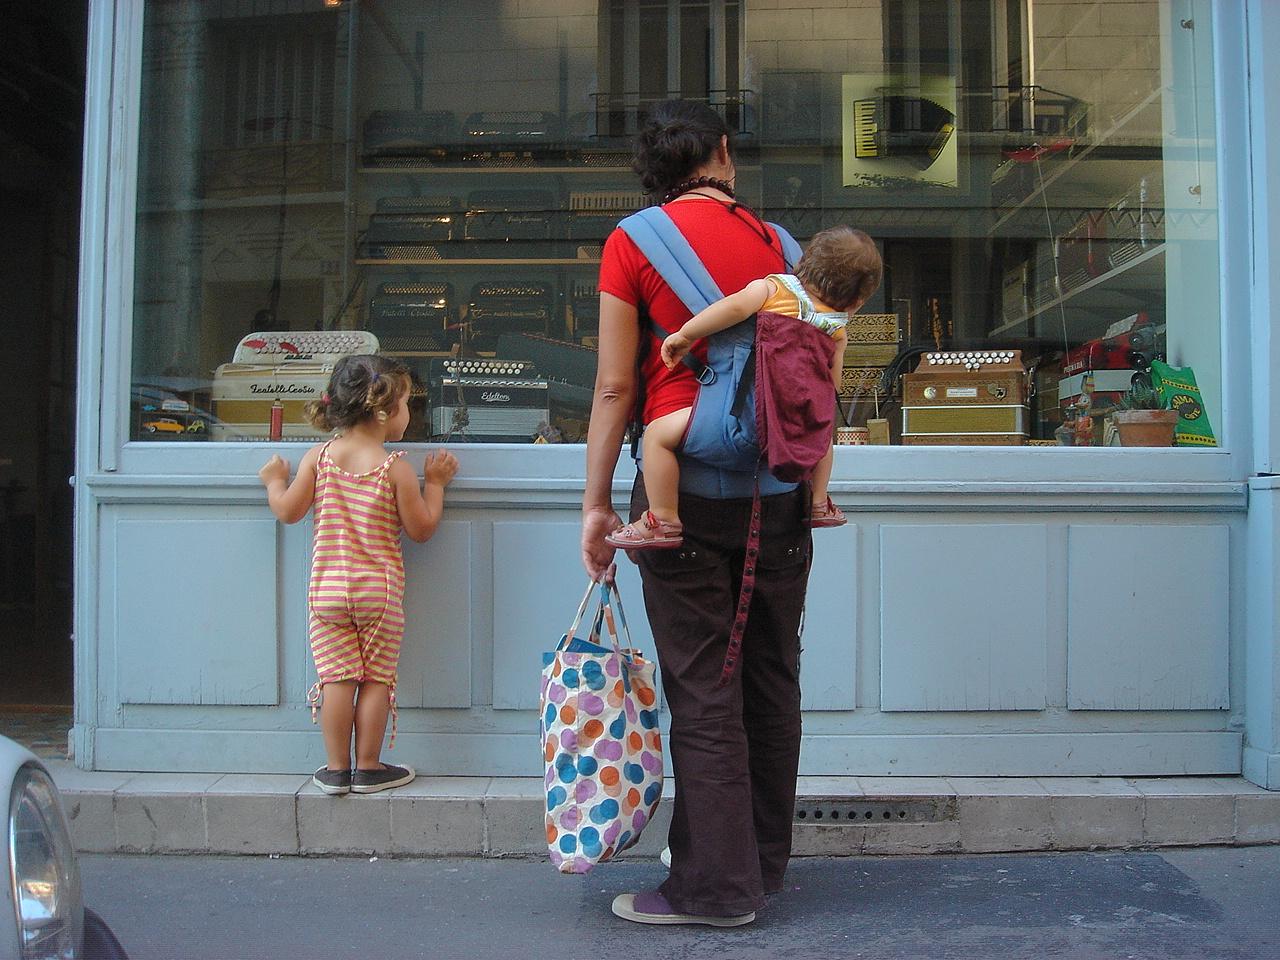 Tout le monde s'arrête devant l'atelier Accord Deléon La rue de la Voûte si petite soit elle est une représentation unique du Paris village.